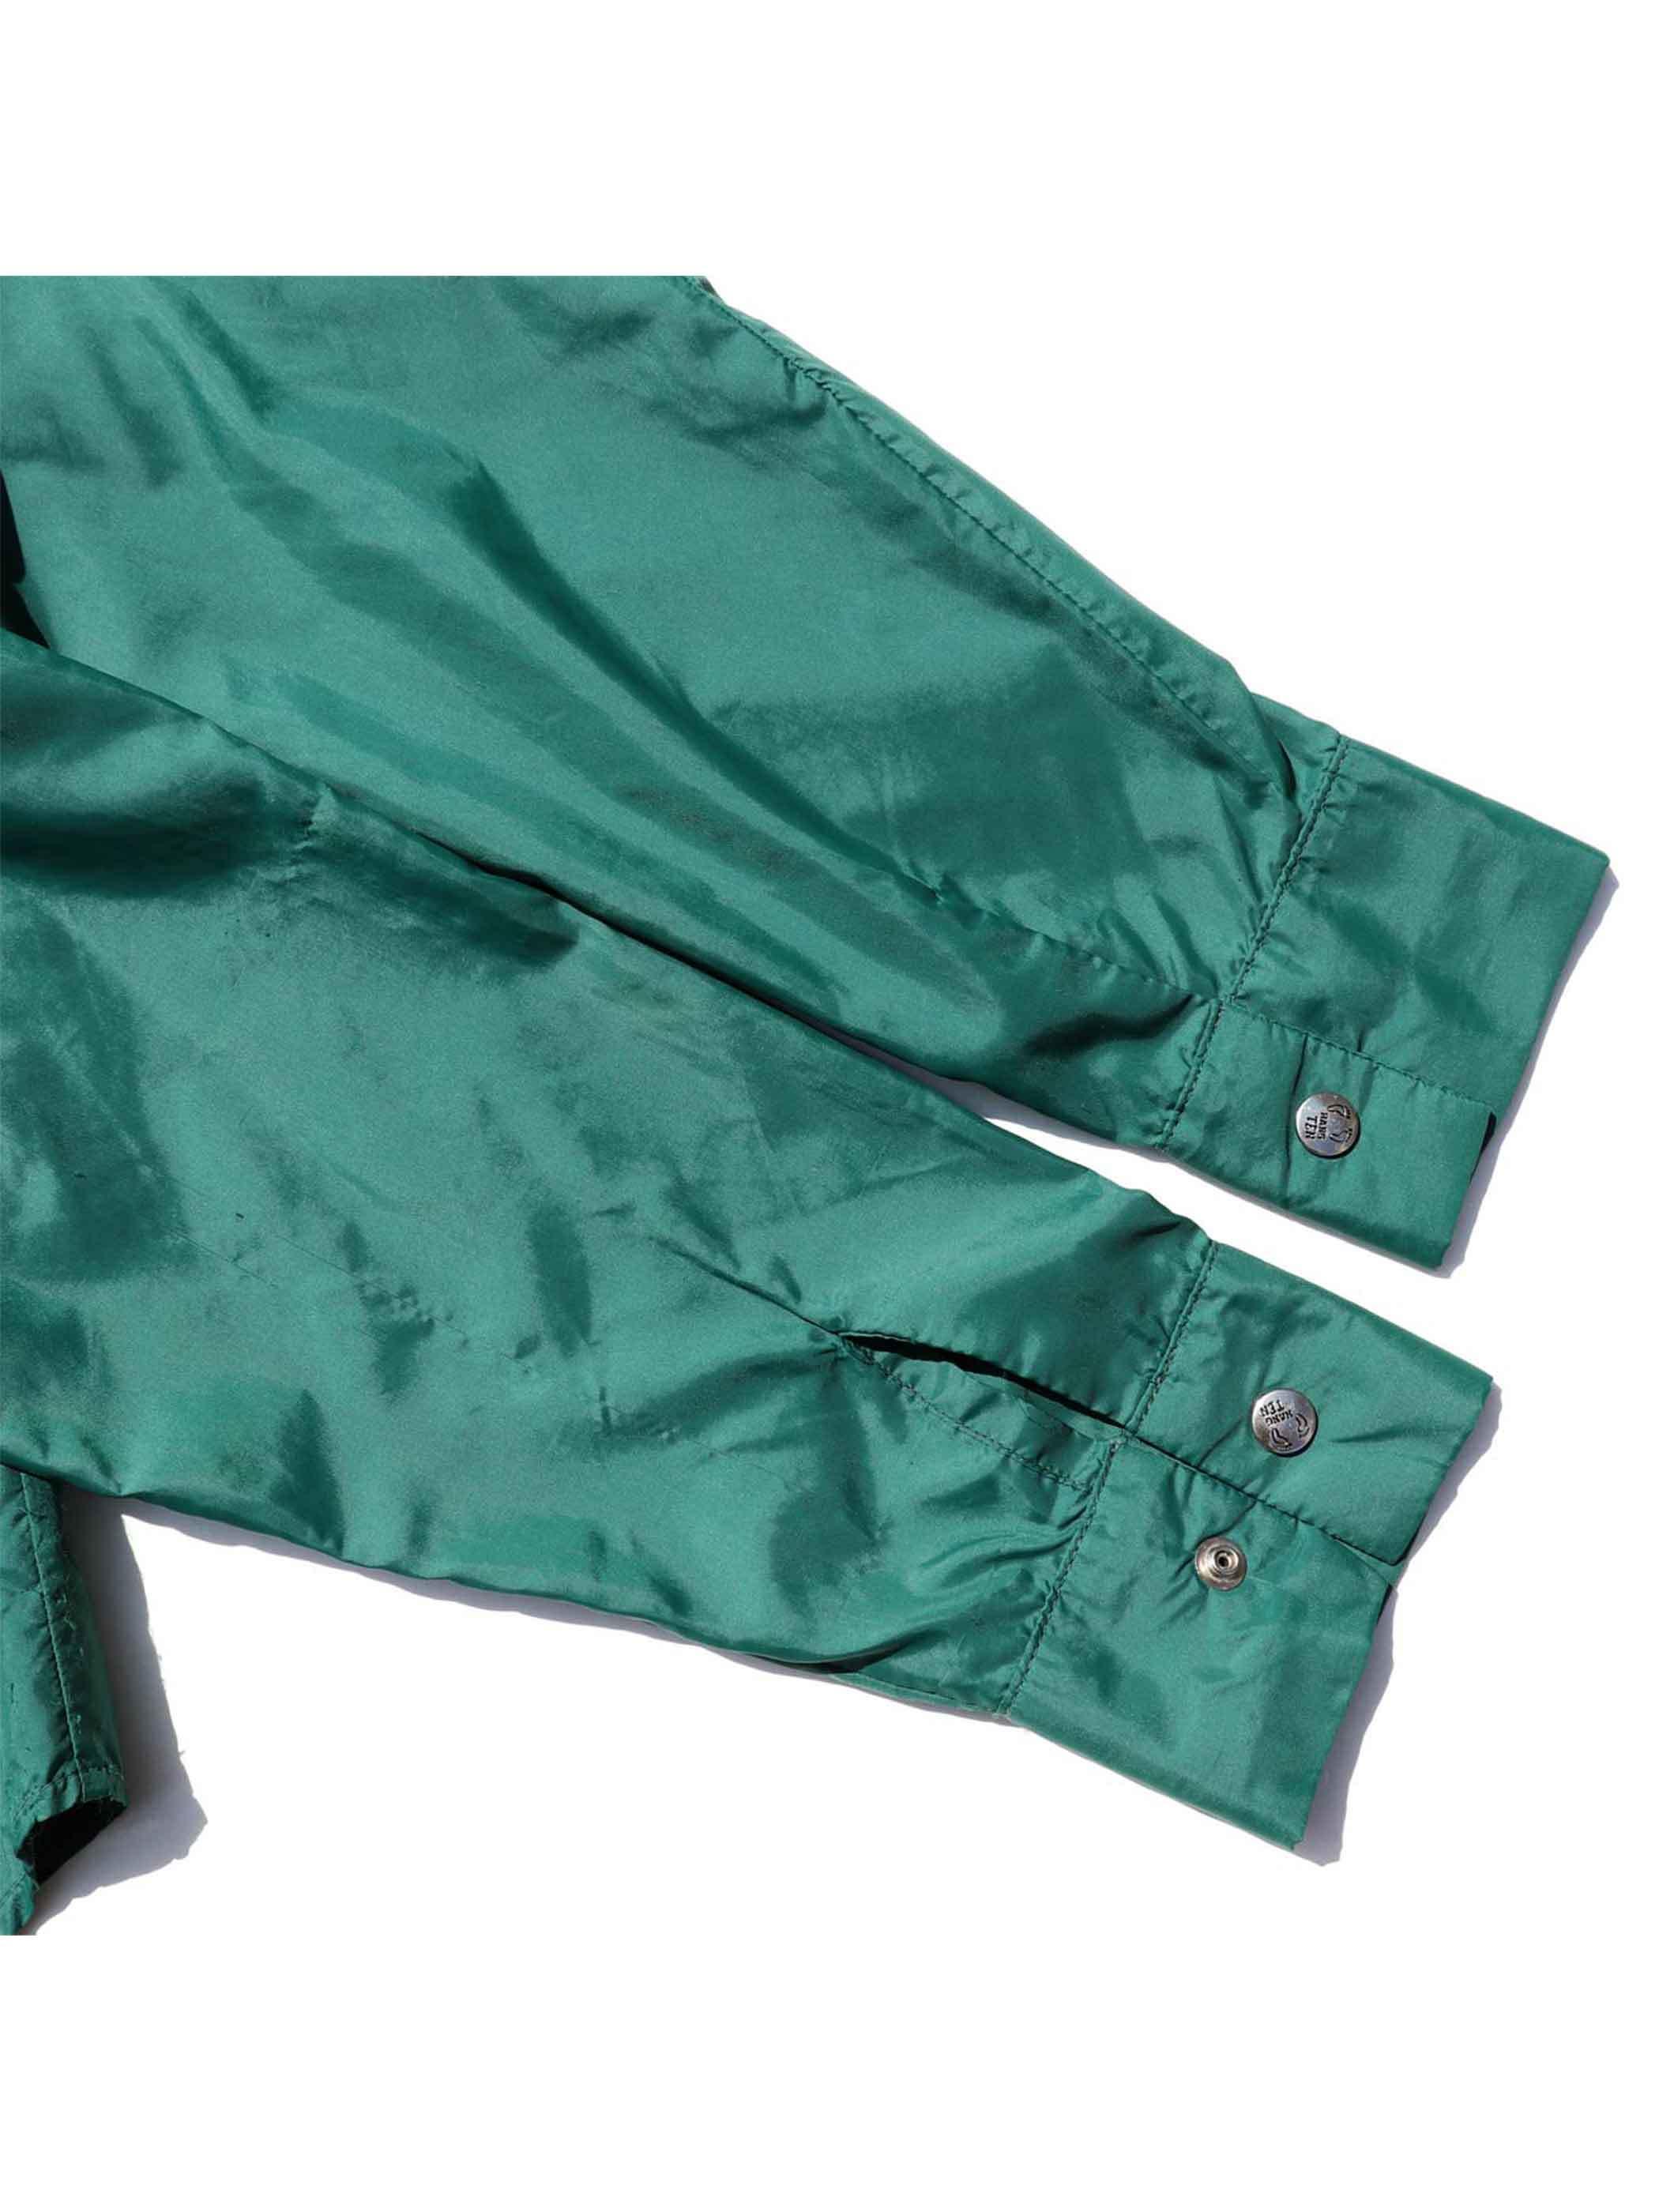 70's HANG TEN ナイロン L/Sシャツ [M]